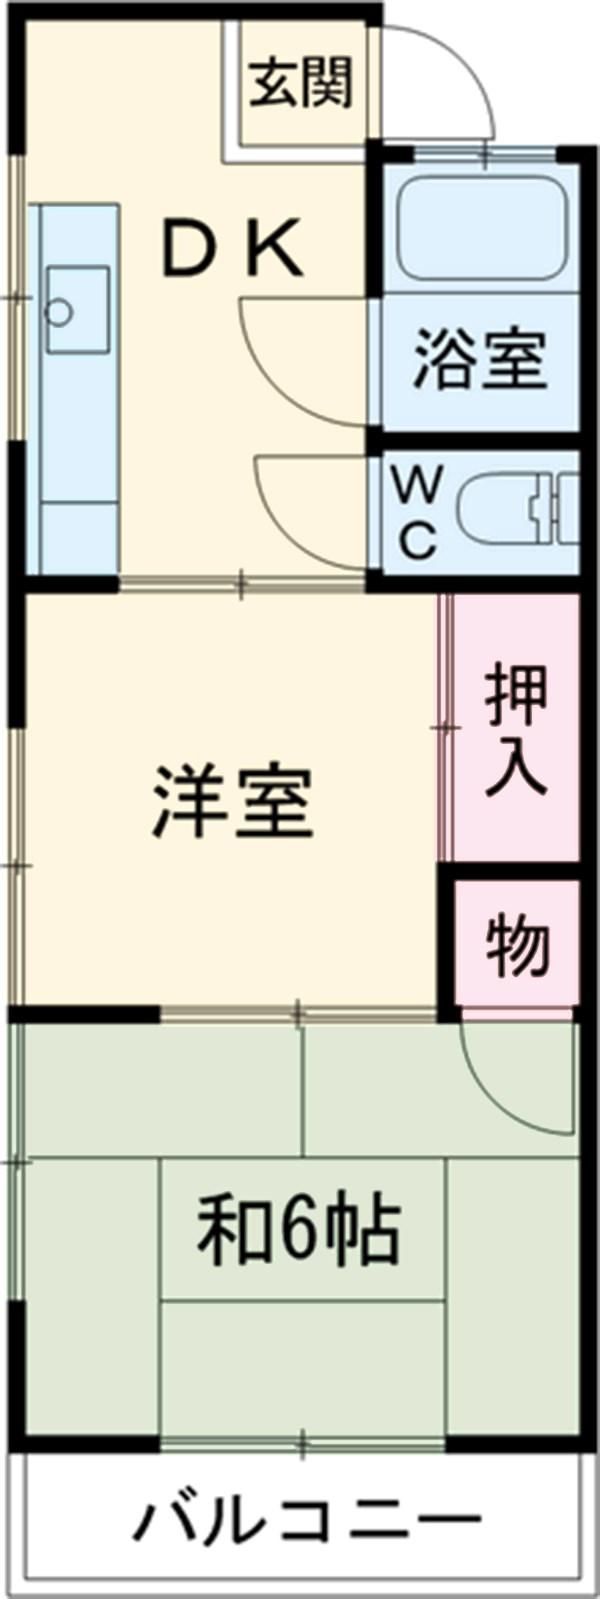 濱辺荘 301号室の間取り